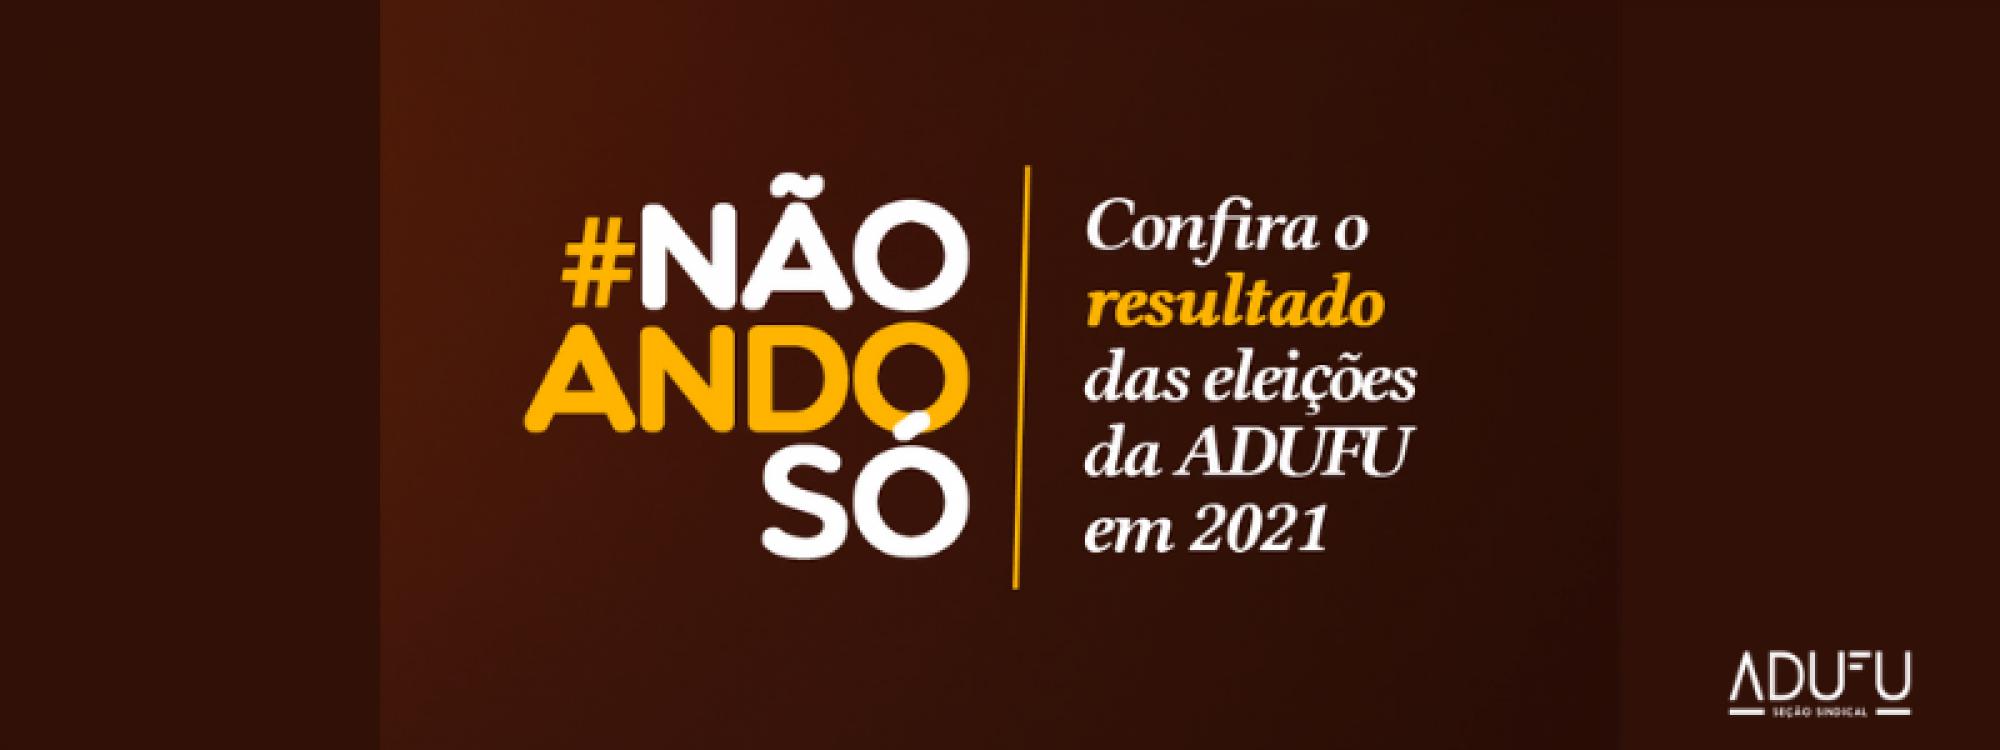 Confira o resultado das Eleições da ADUFU em 2021